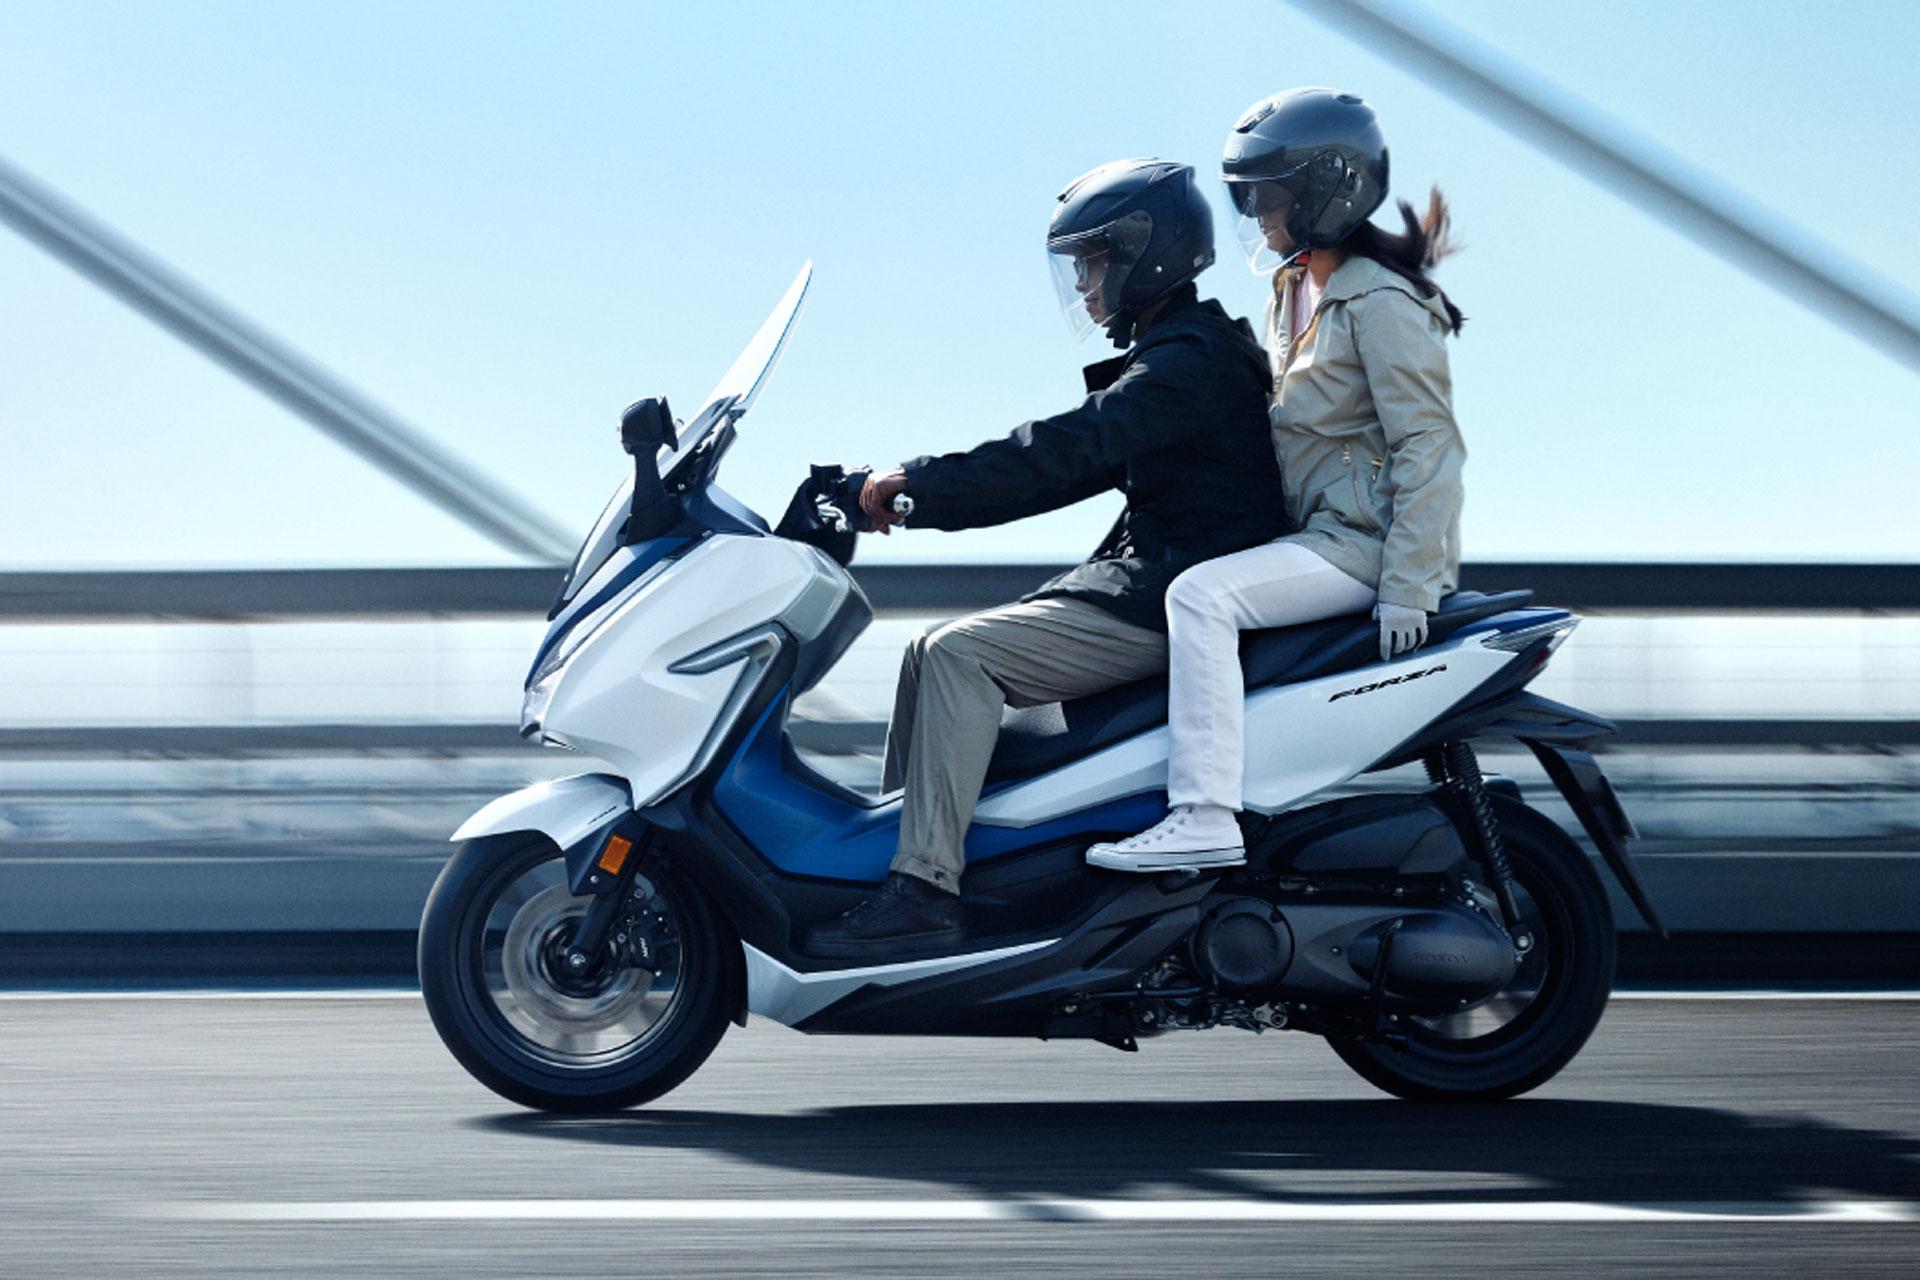 Honda Forza 300 2019 >> Honda's Forza NSS300 Scooter gains HSTC | MCNews.com.au